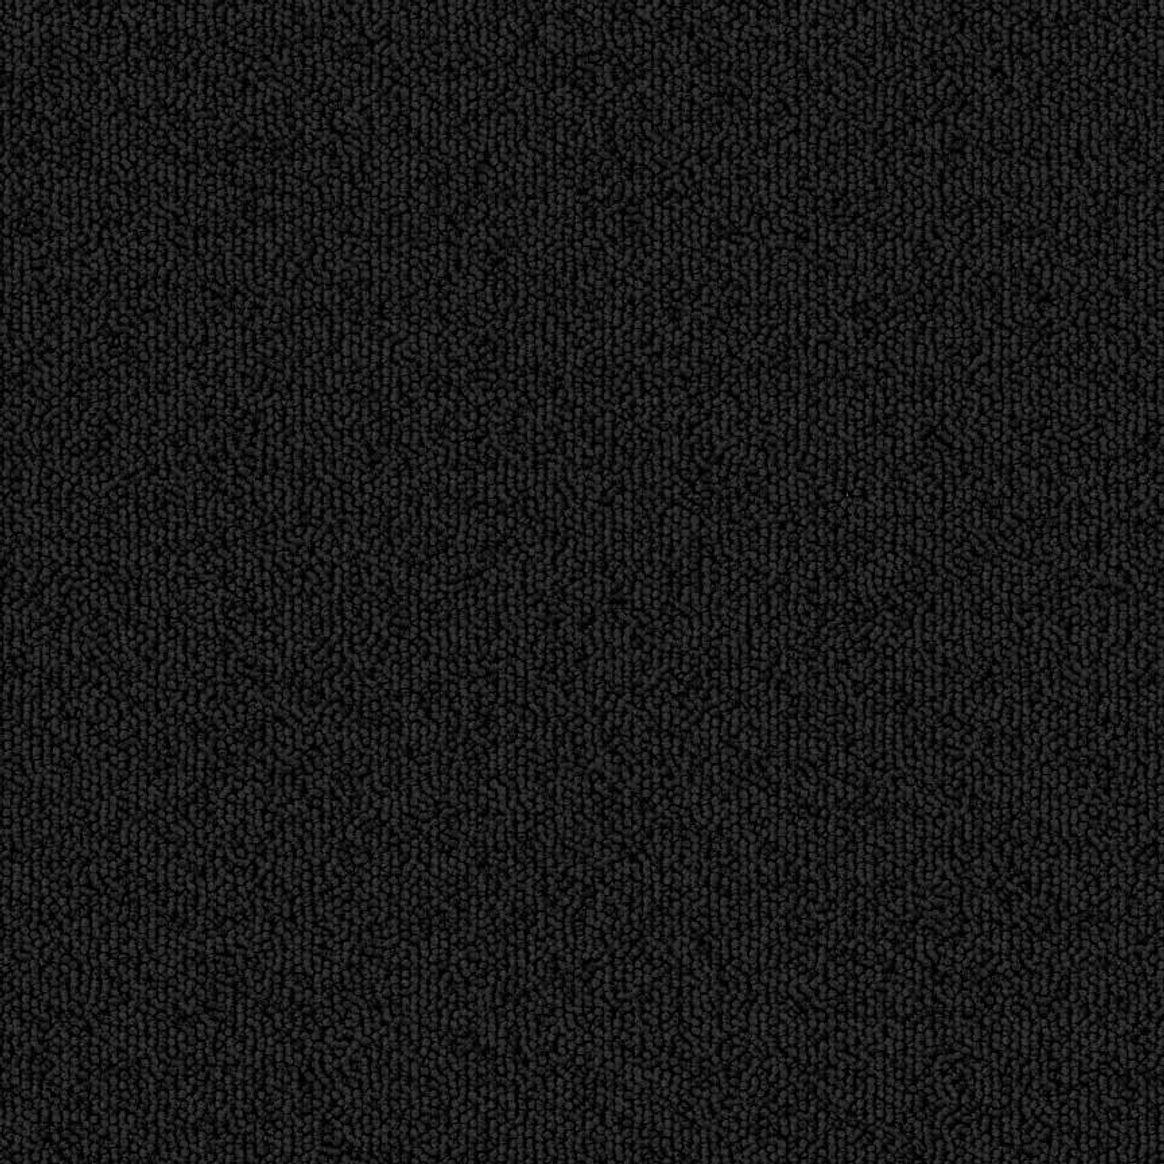 Black thumbnail